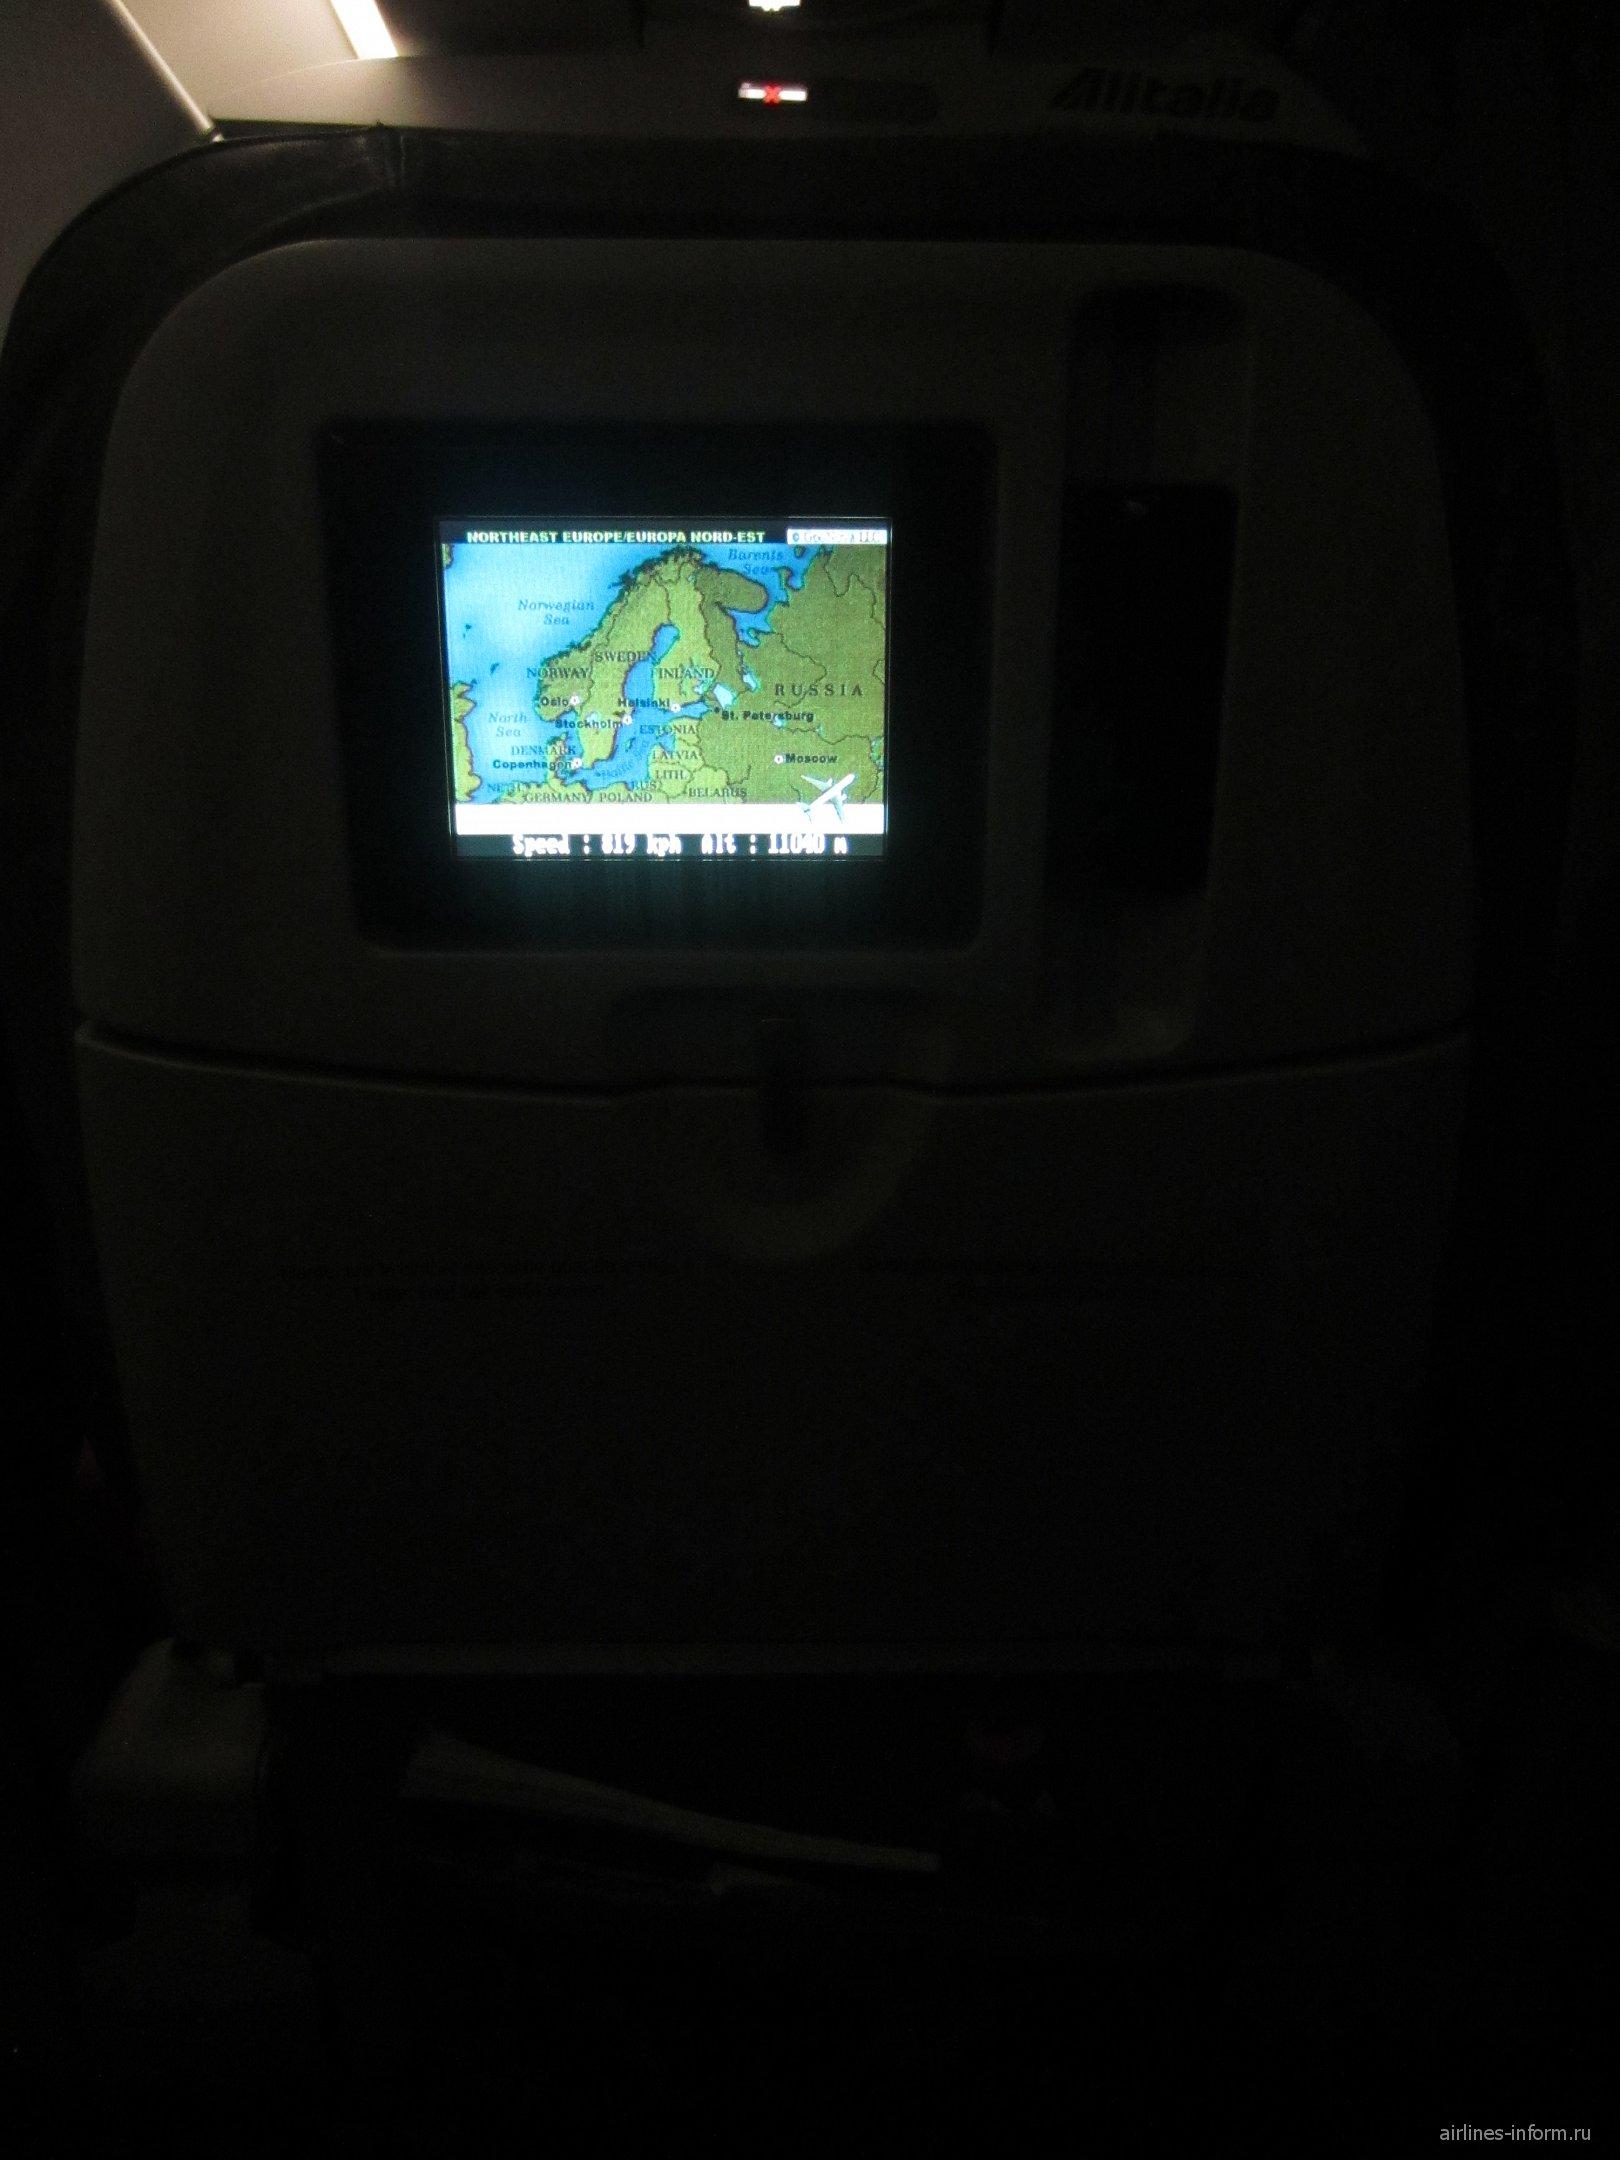 Система развлечений в самолете Airbus A320 авиакомпании Alitalia